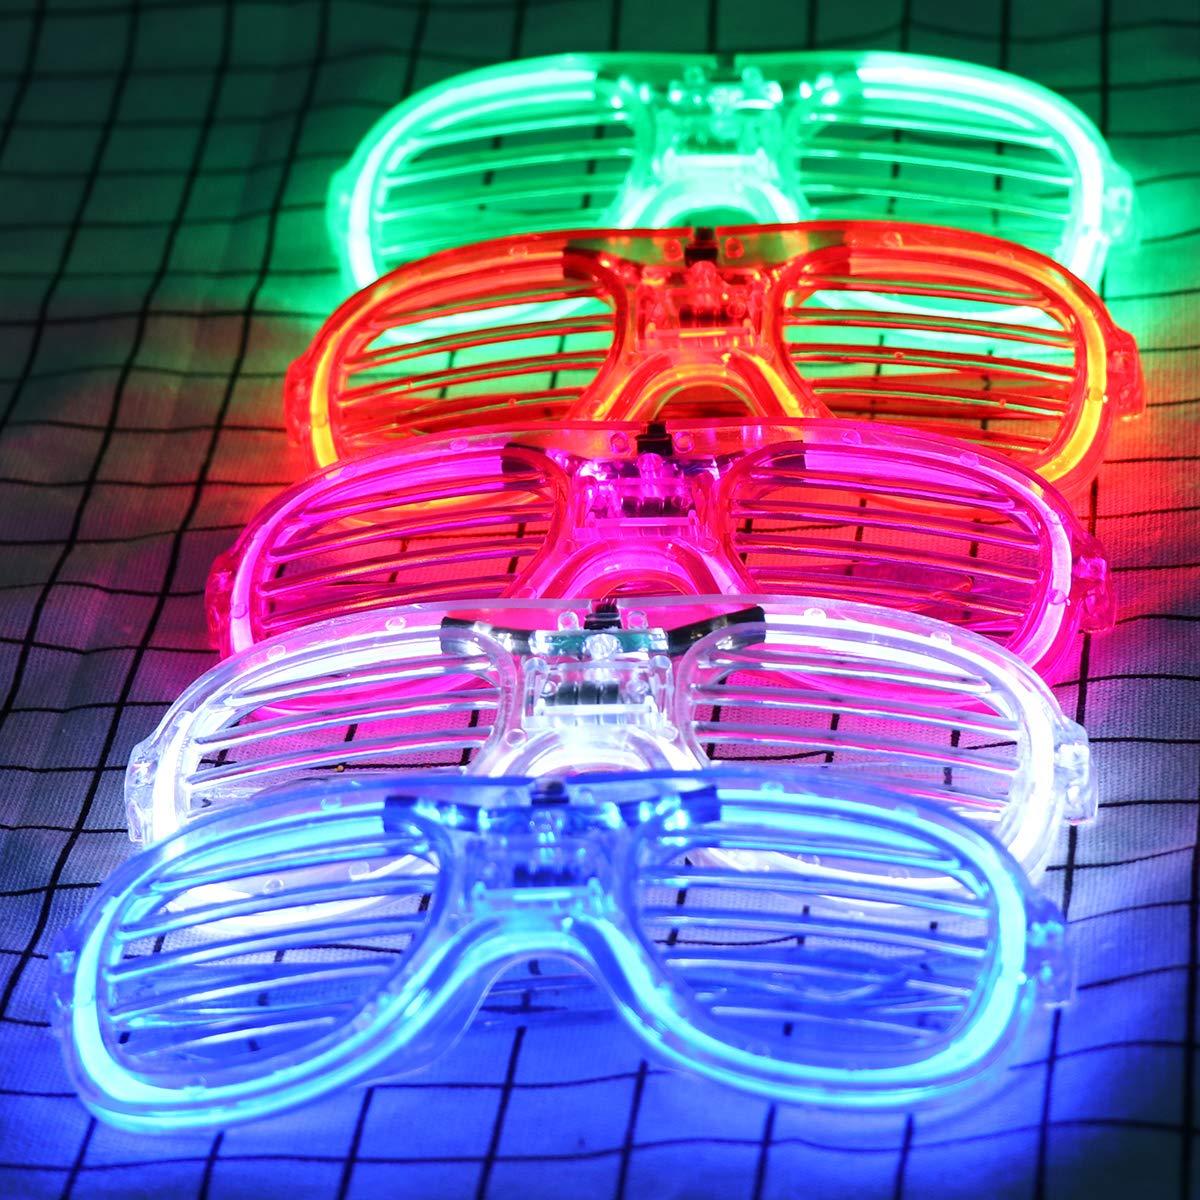 Lunettes de Soleil Toyvian Lot de 10 Paires de Lunettes LED Lumineuses en n/éon pour f/ête